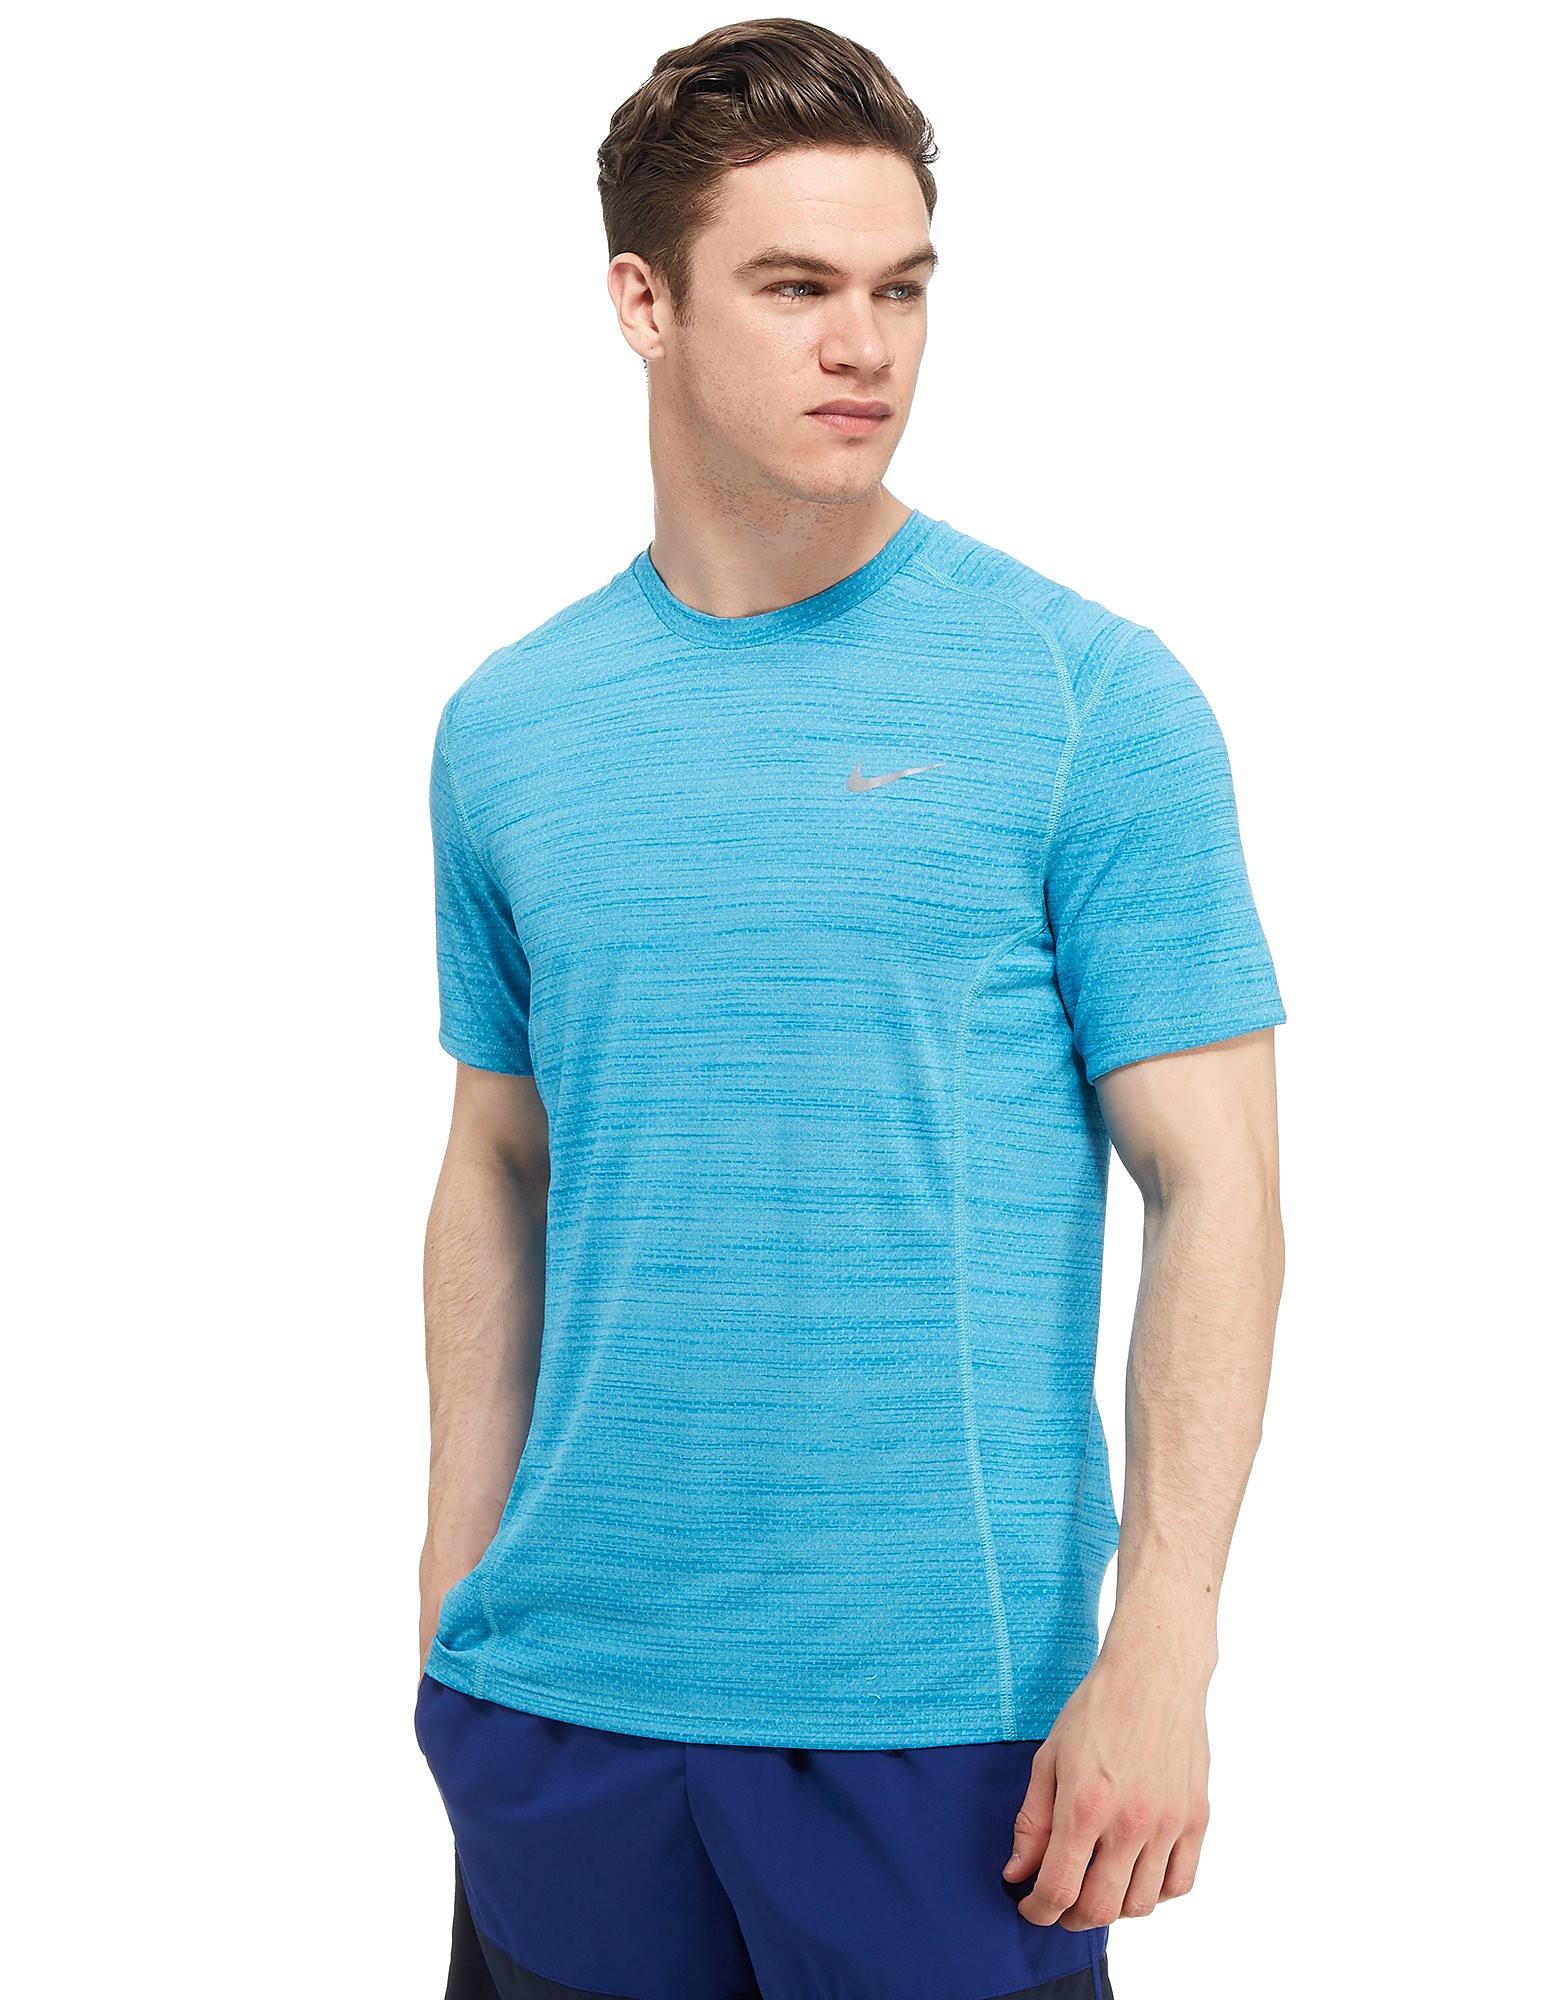 Nike Dri-FIT Cool Miler T-Shirt